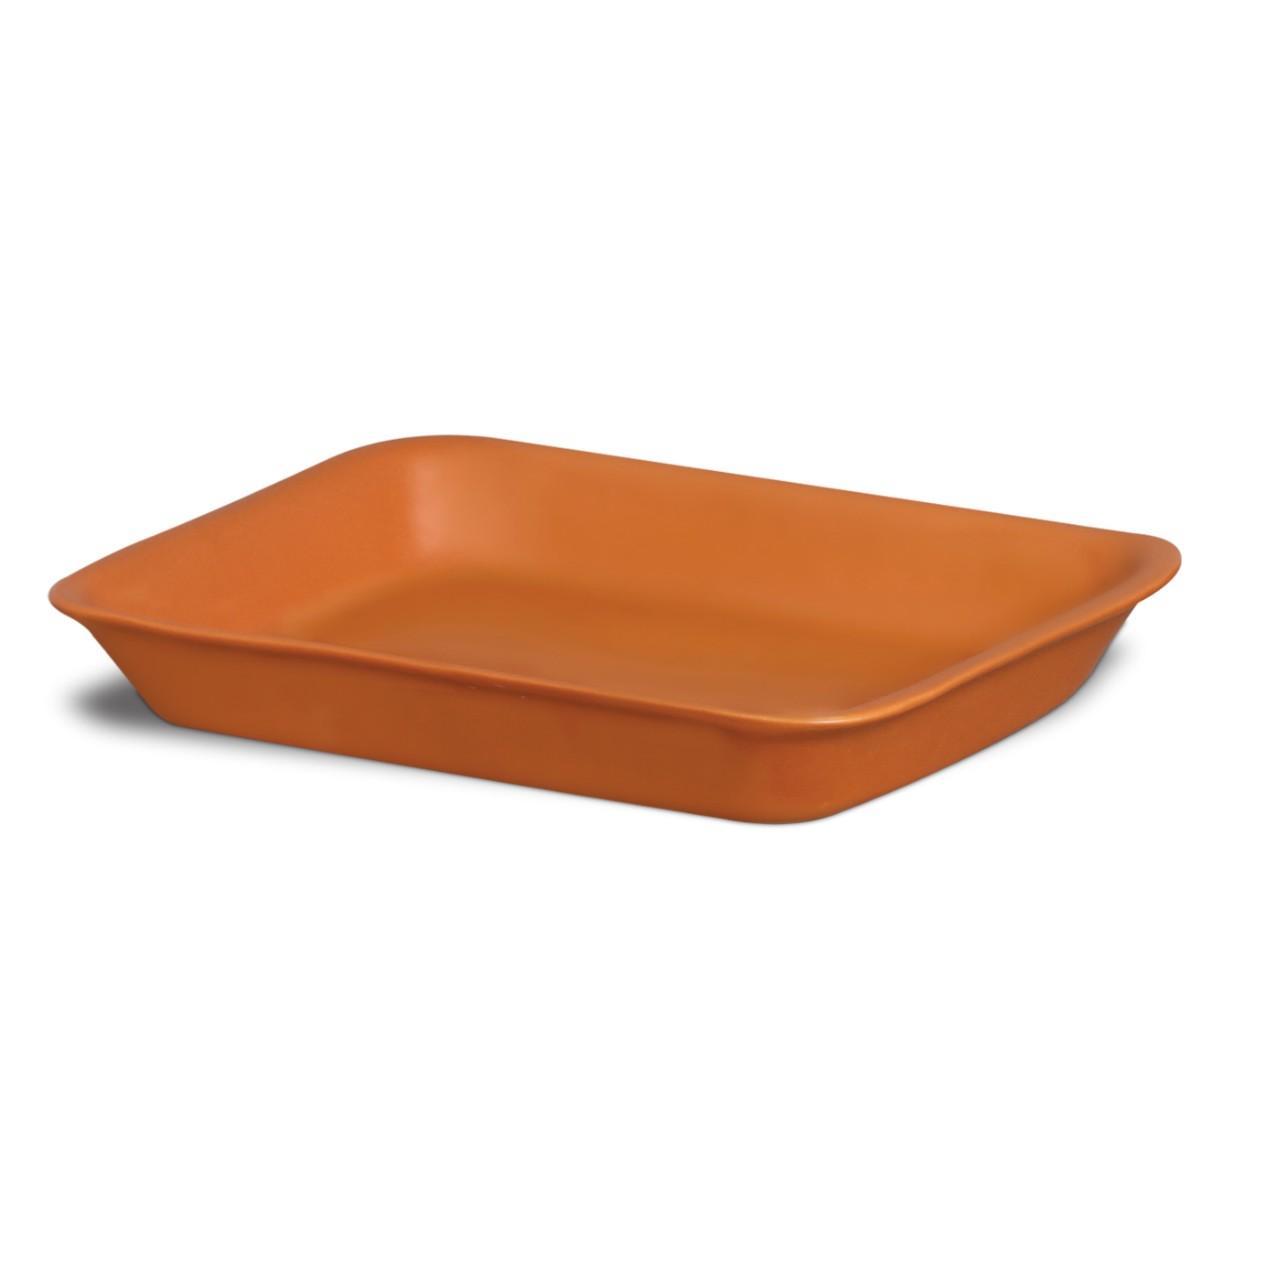 Travessa de Ceramica Retangular Rasa Tijolo 25x38cm 10540 - Nova Imagem